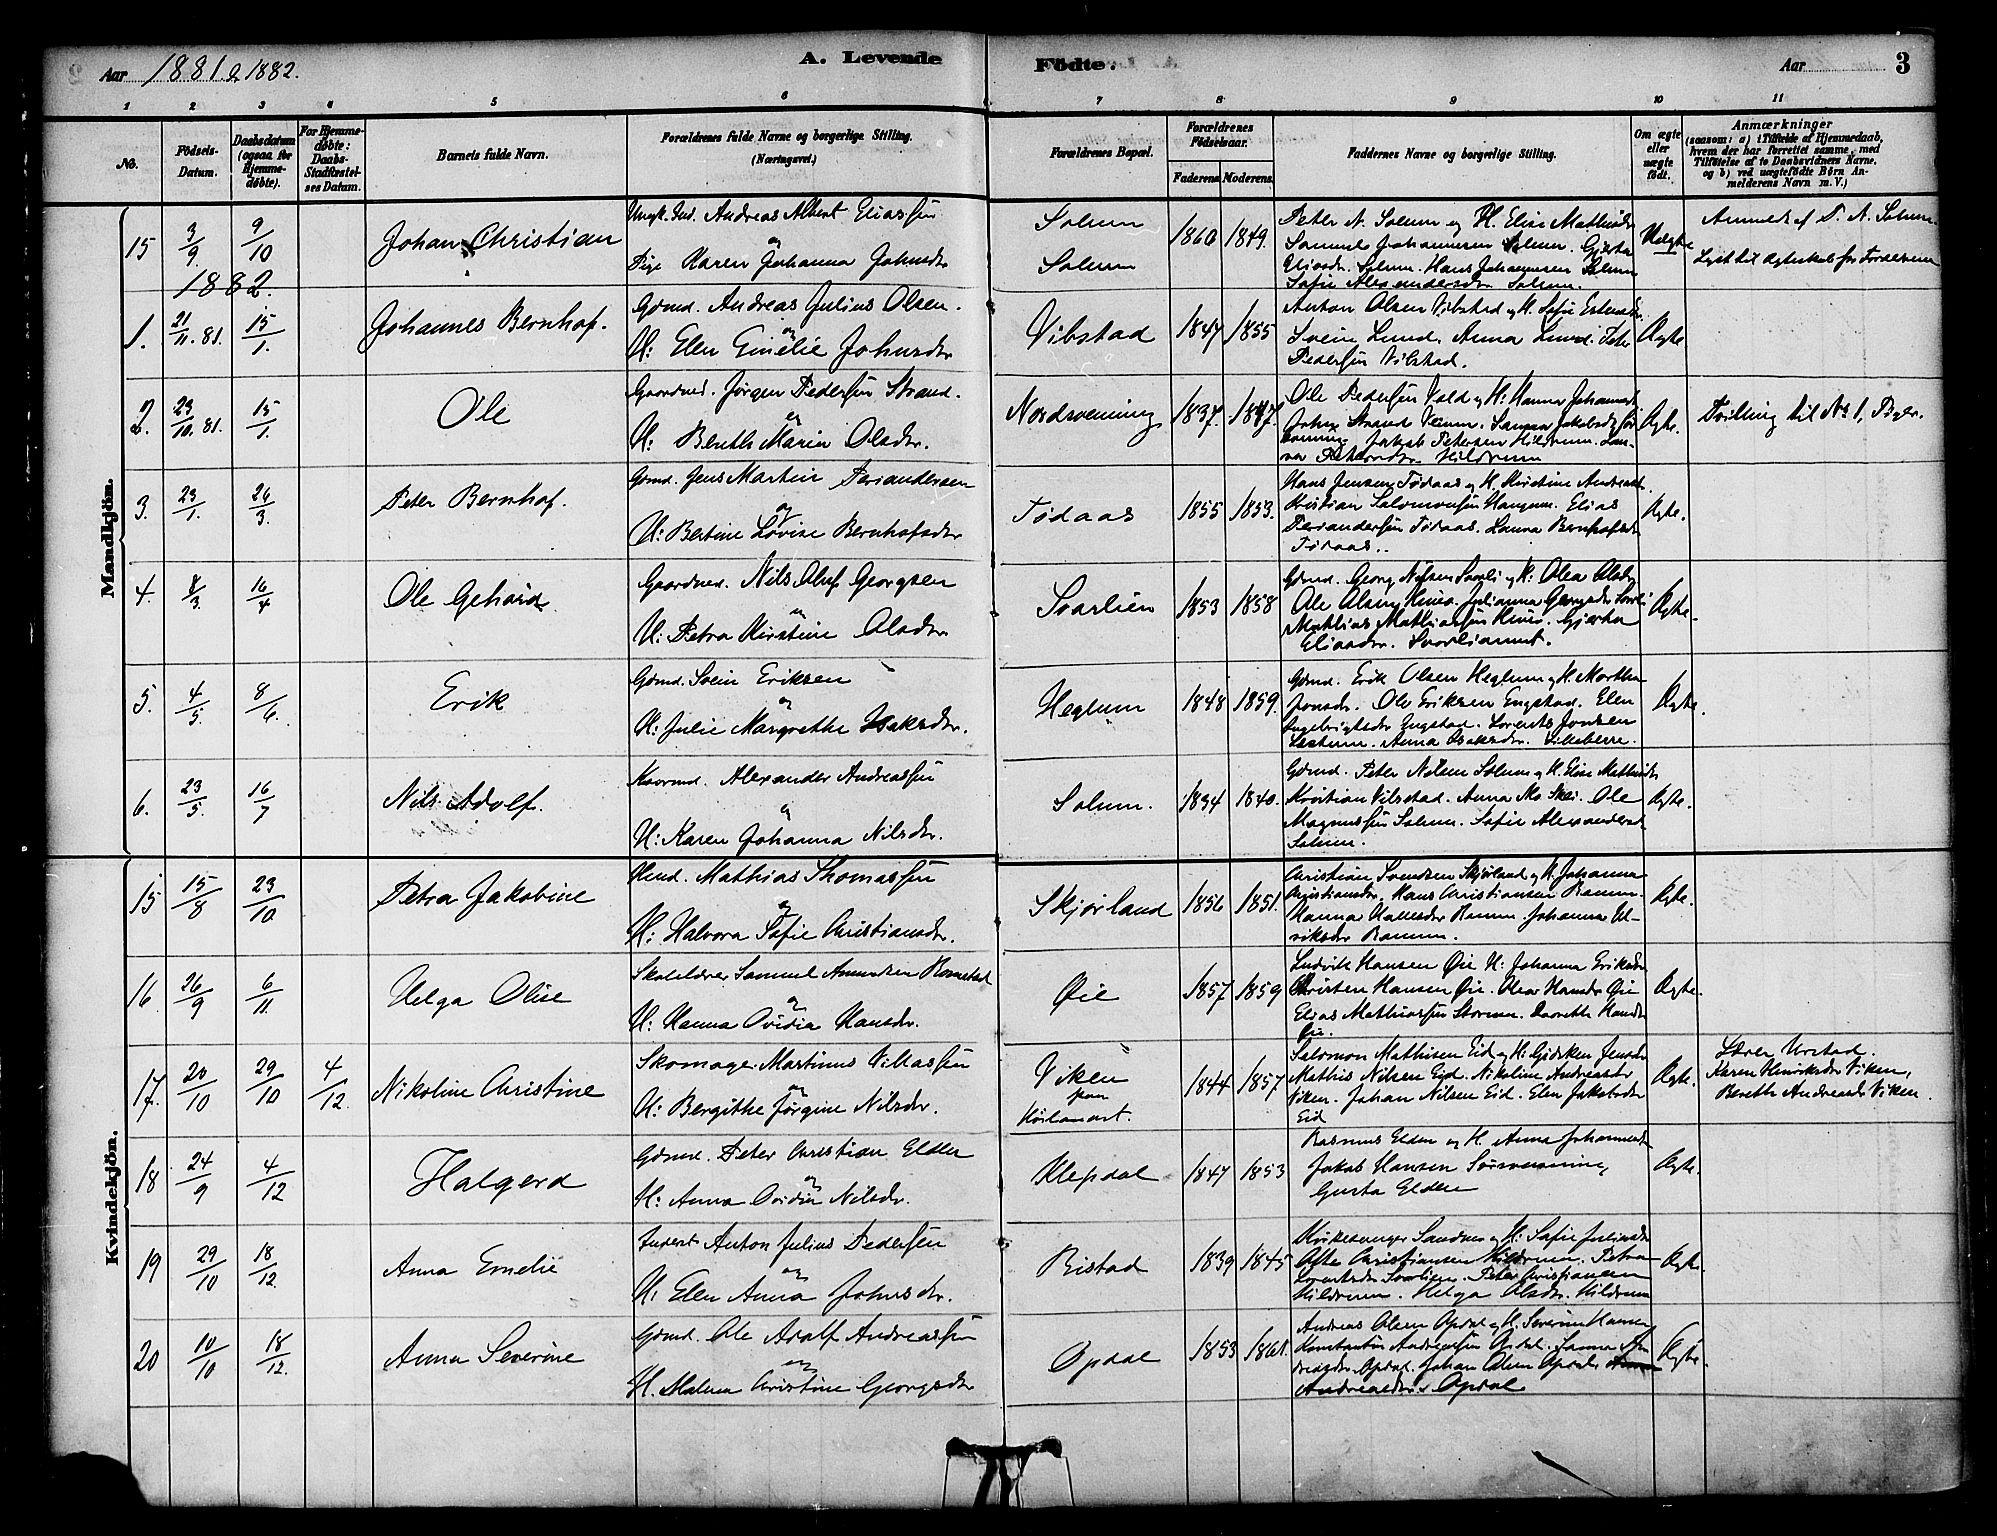 SAT, Ministerialprotokoller, klokkerbøker og fødselsregistre - Nord-Trøndelag, 764/L0555: Ministerialbok nr. 764A10, 1881-1896, s. 3